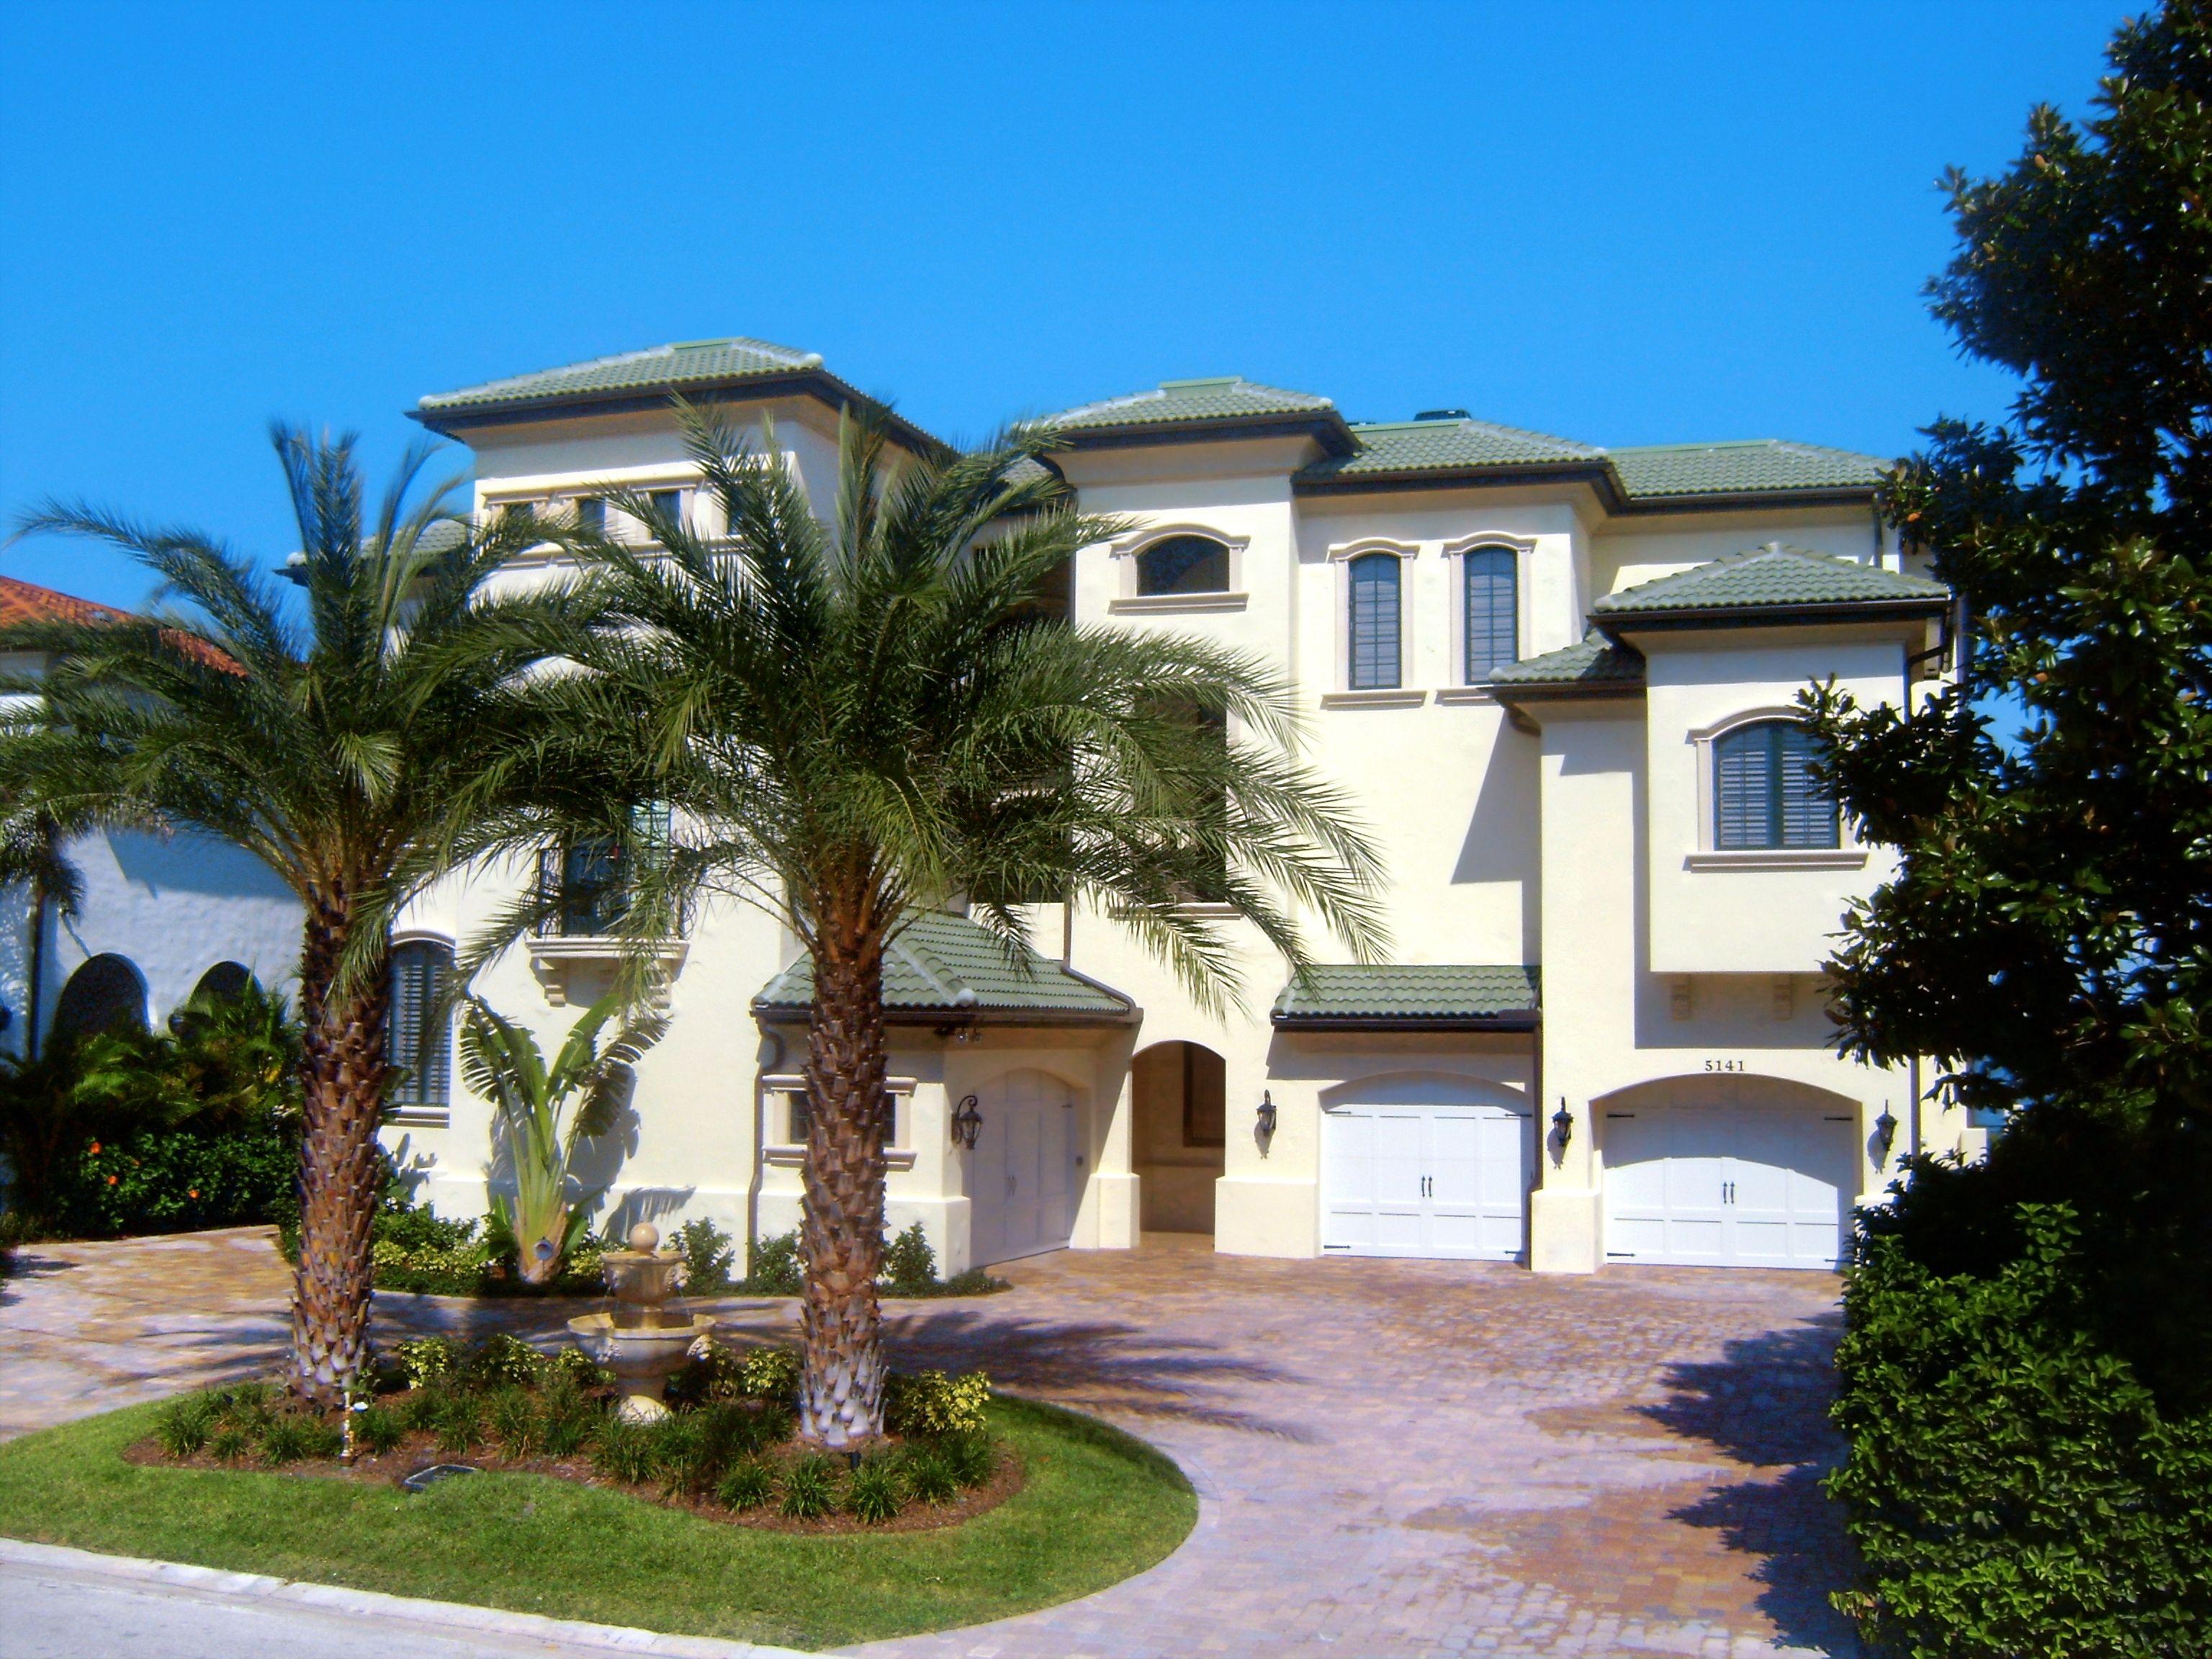 d84c1f1429245fa4225cdbb73da9ae03 - Palm Gardens Rehab Vero Beach Florida